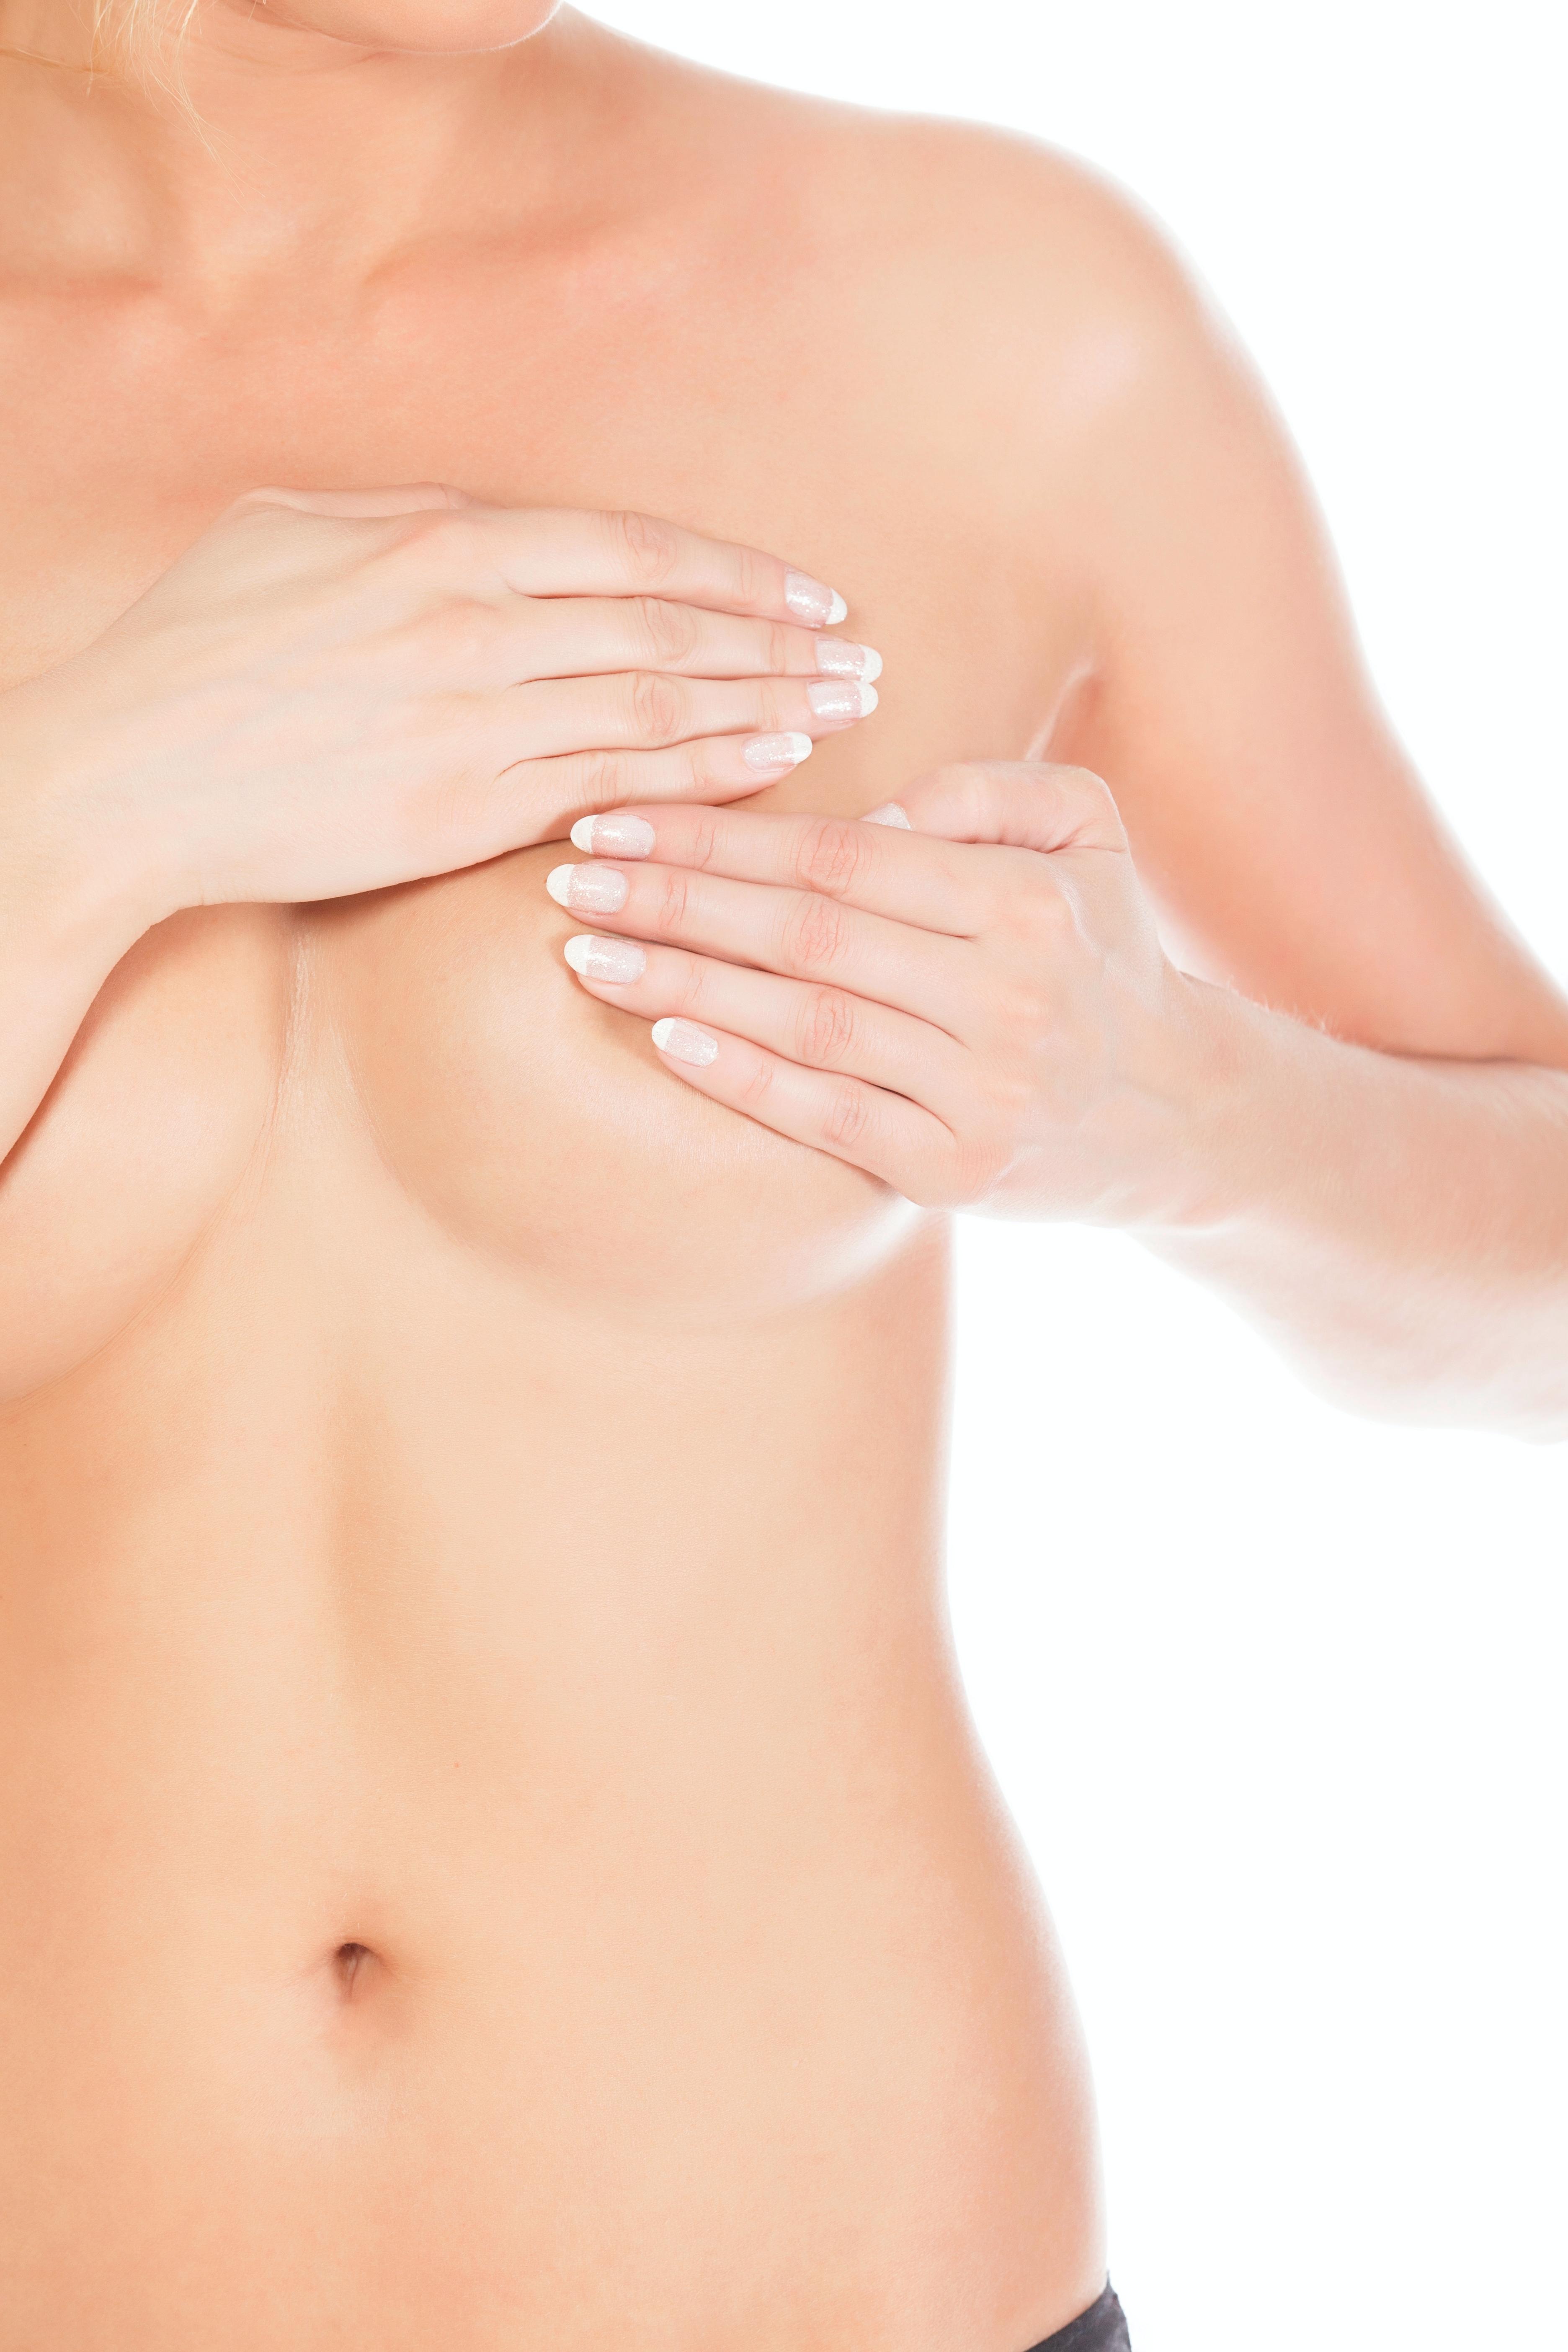 Miten hieronta rintojen seksin aikana